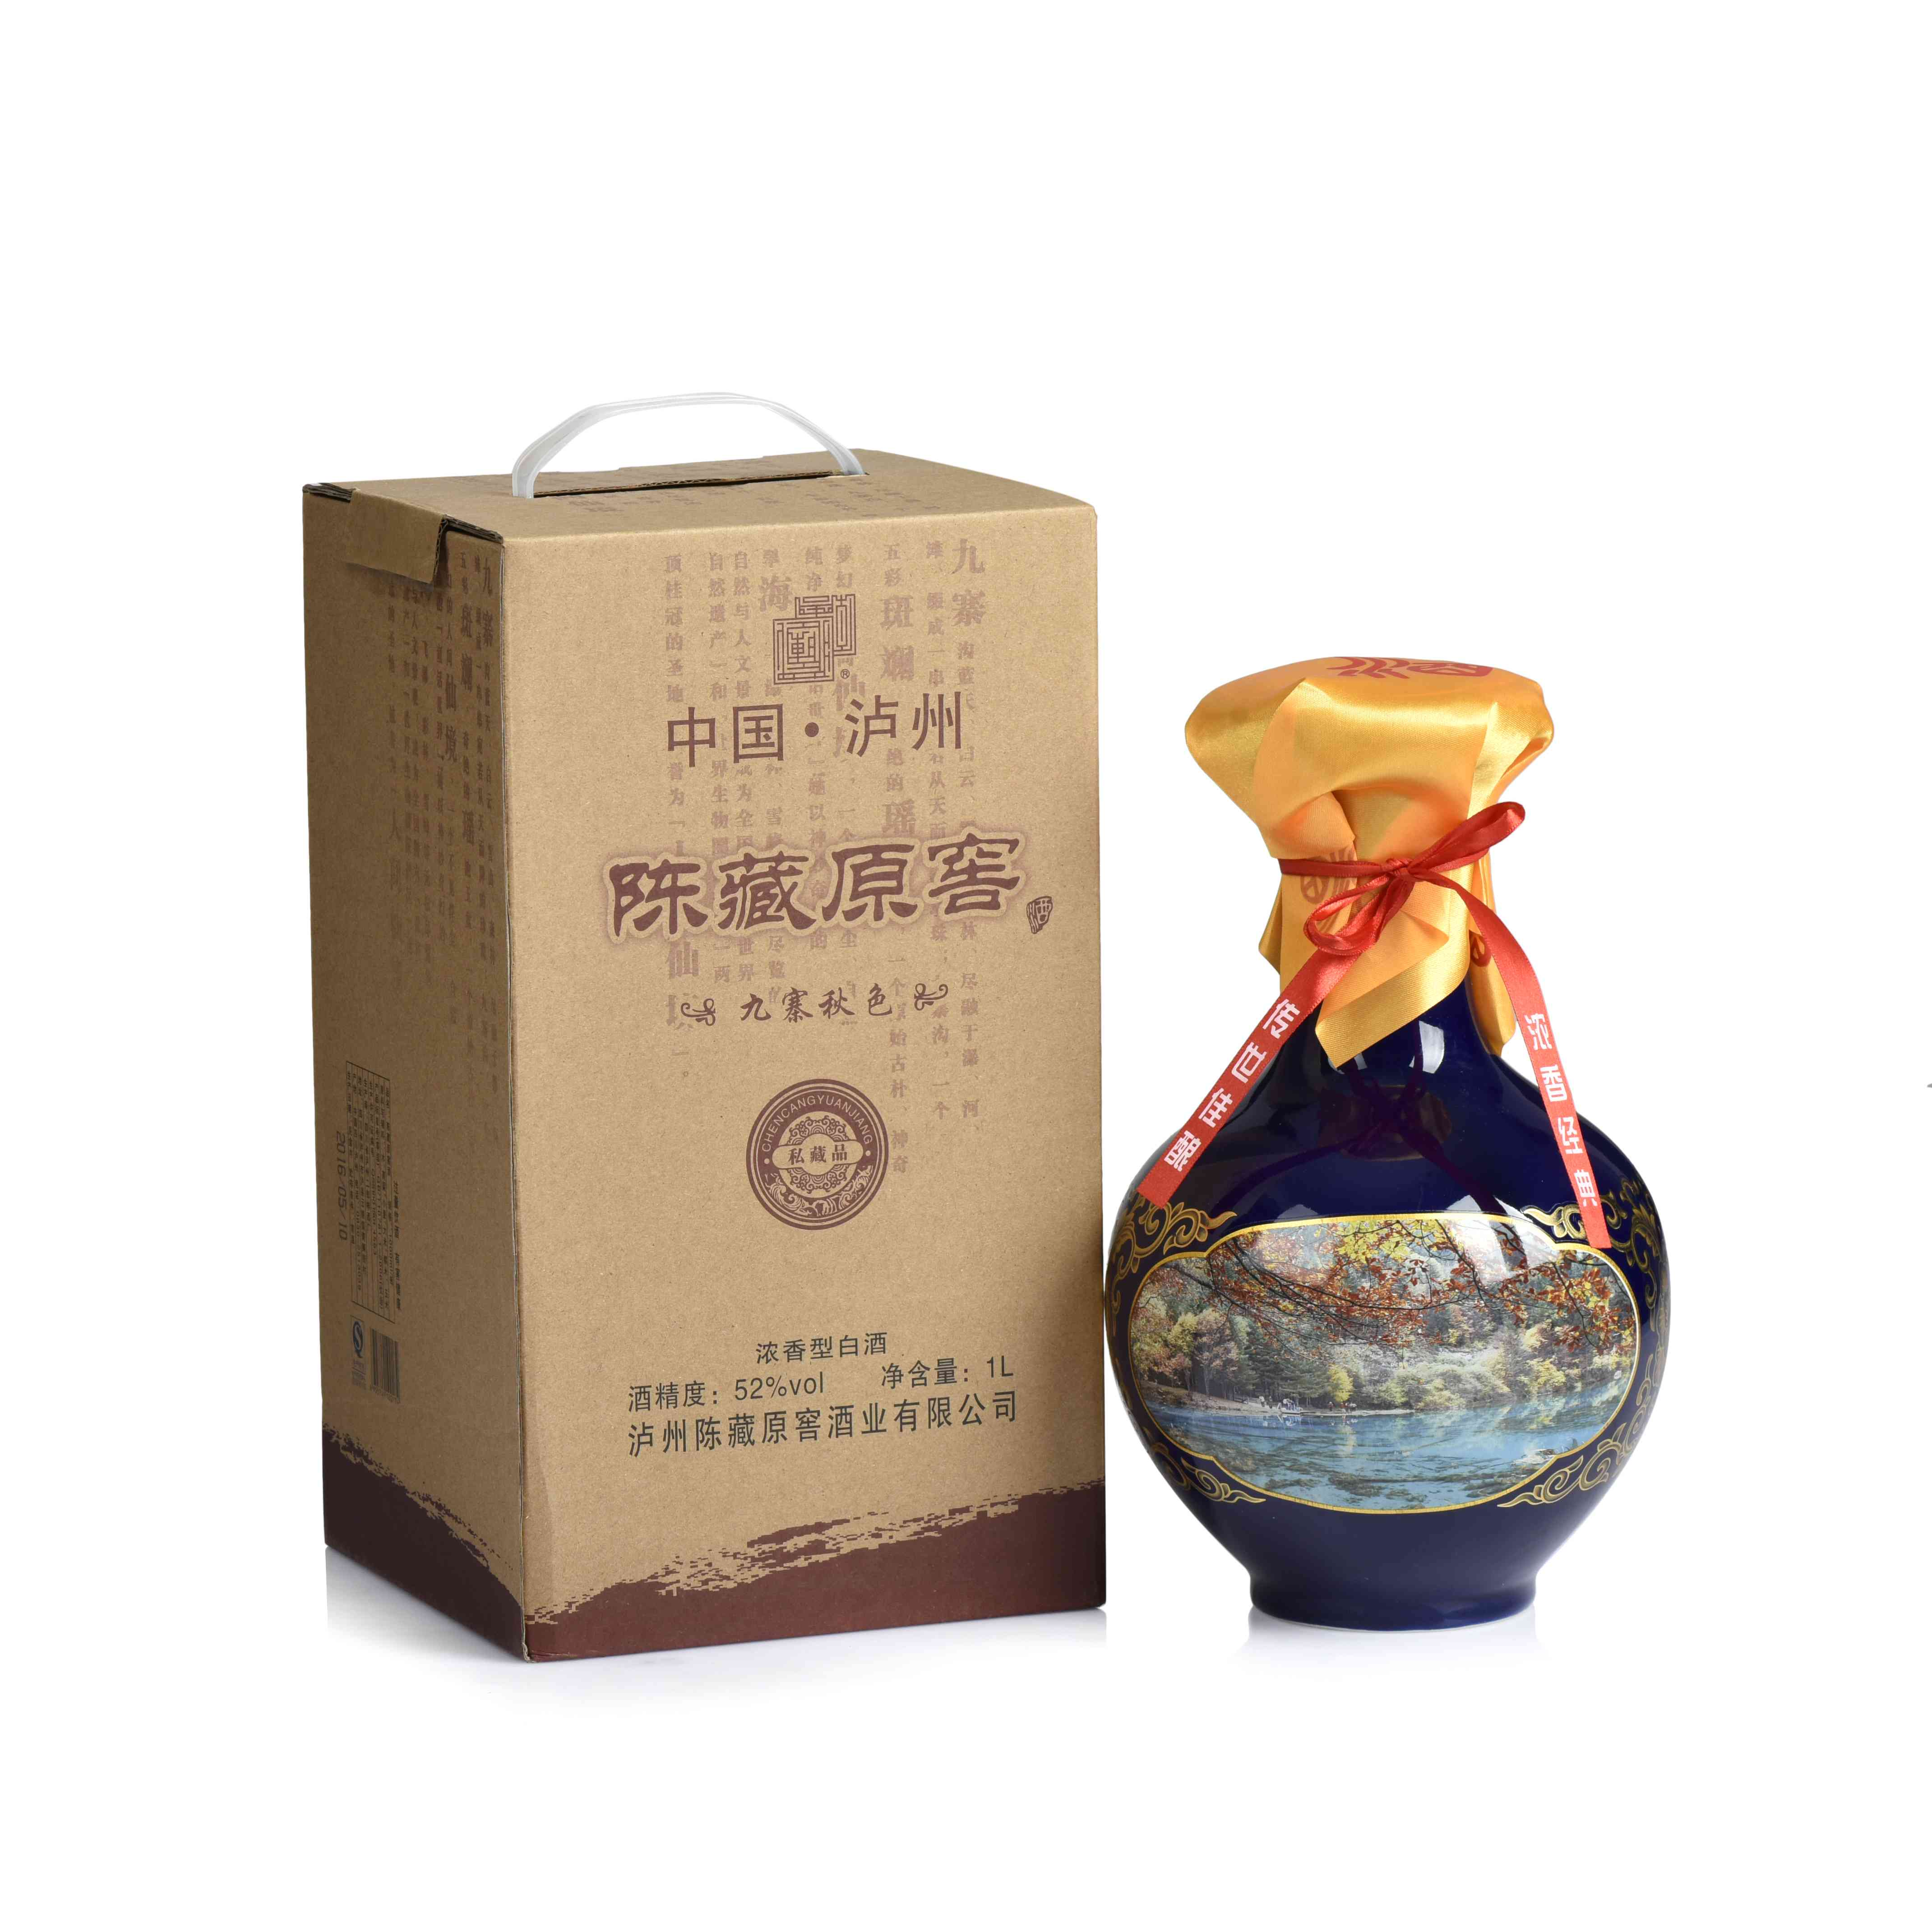 四十年窖藏天府六景彩瓷系列(九寨秋色)